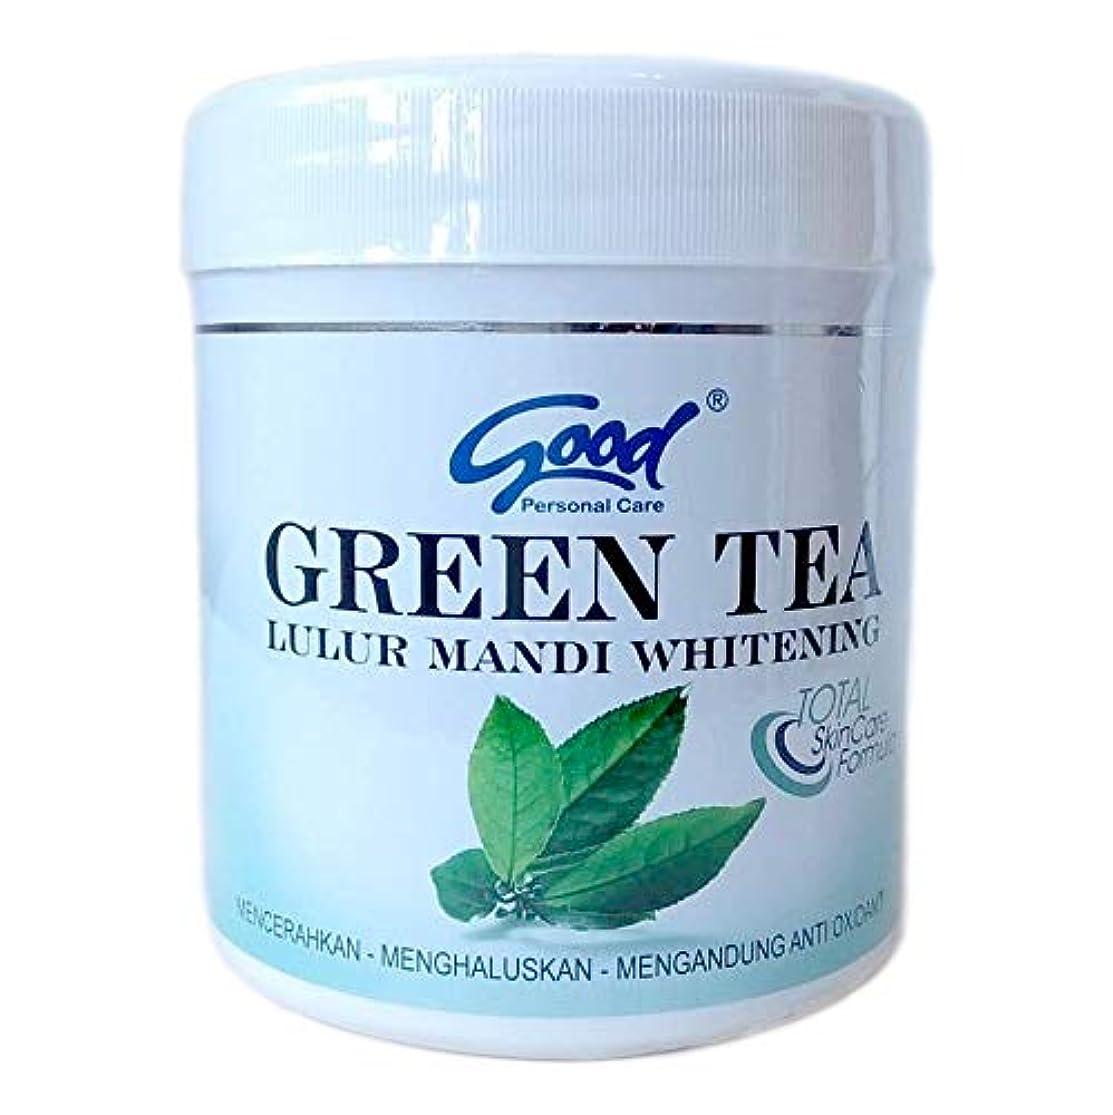 ゼリー尾申し立てgood グッド Lulur Mandi Whitening ルルール マンディ ホワイトニング GREEN TEA グリーンティー 1kg / マンディルルール ボディピーリング ボディトリートメント [海外直送品]